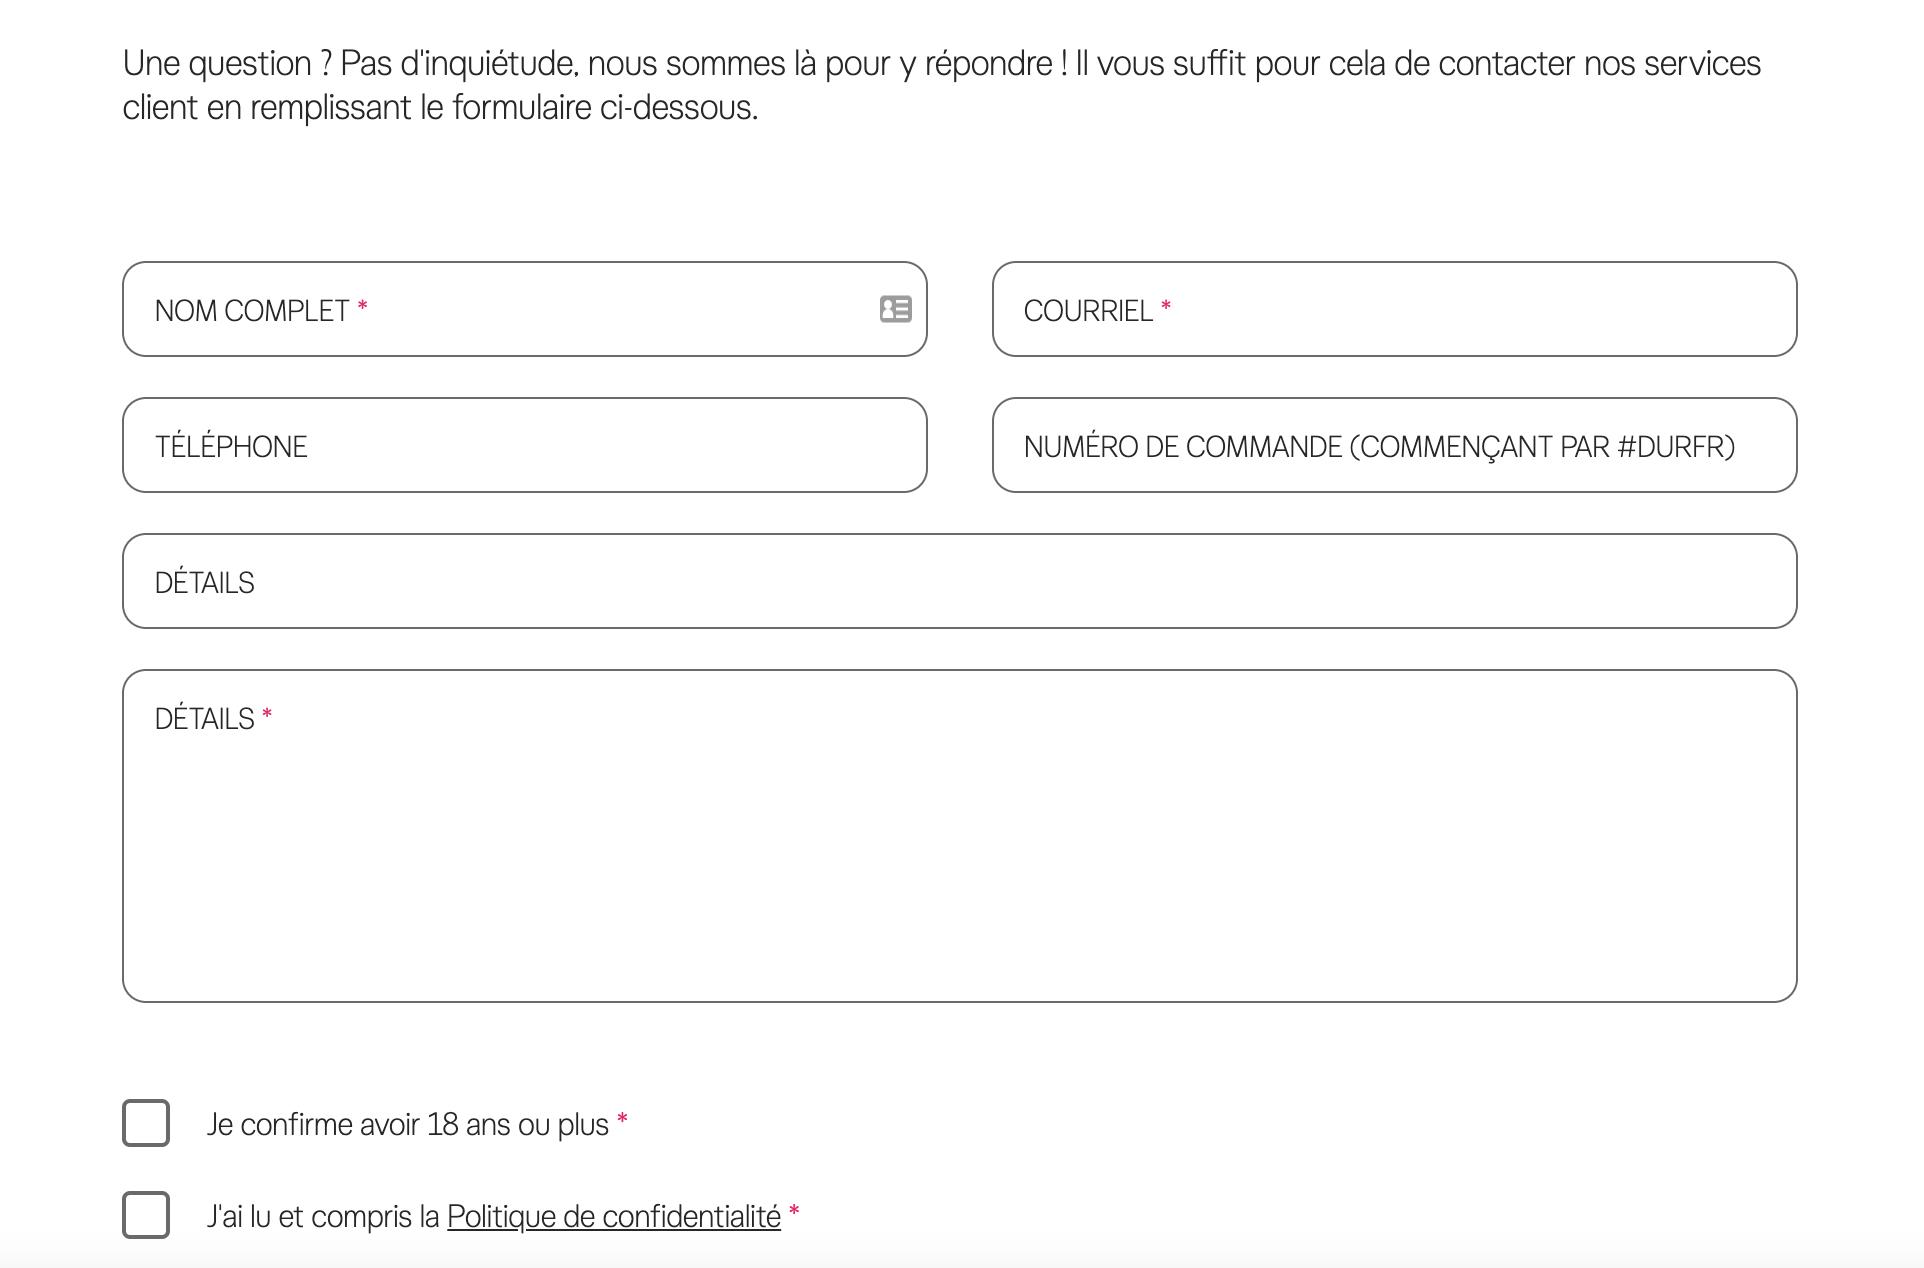 durex voucher-return_policy-how-to